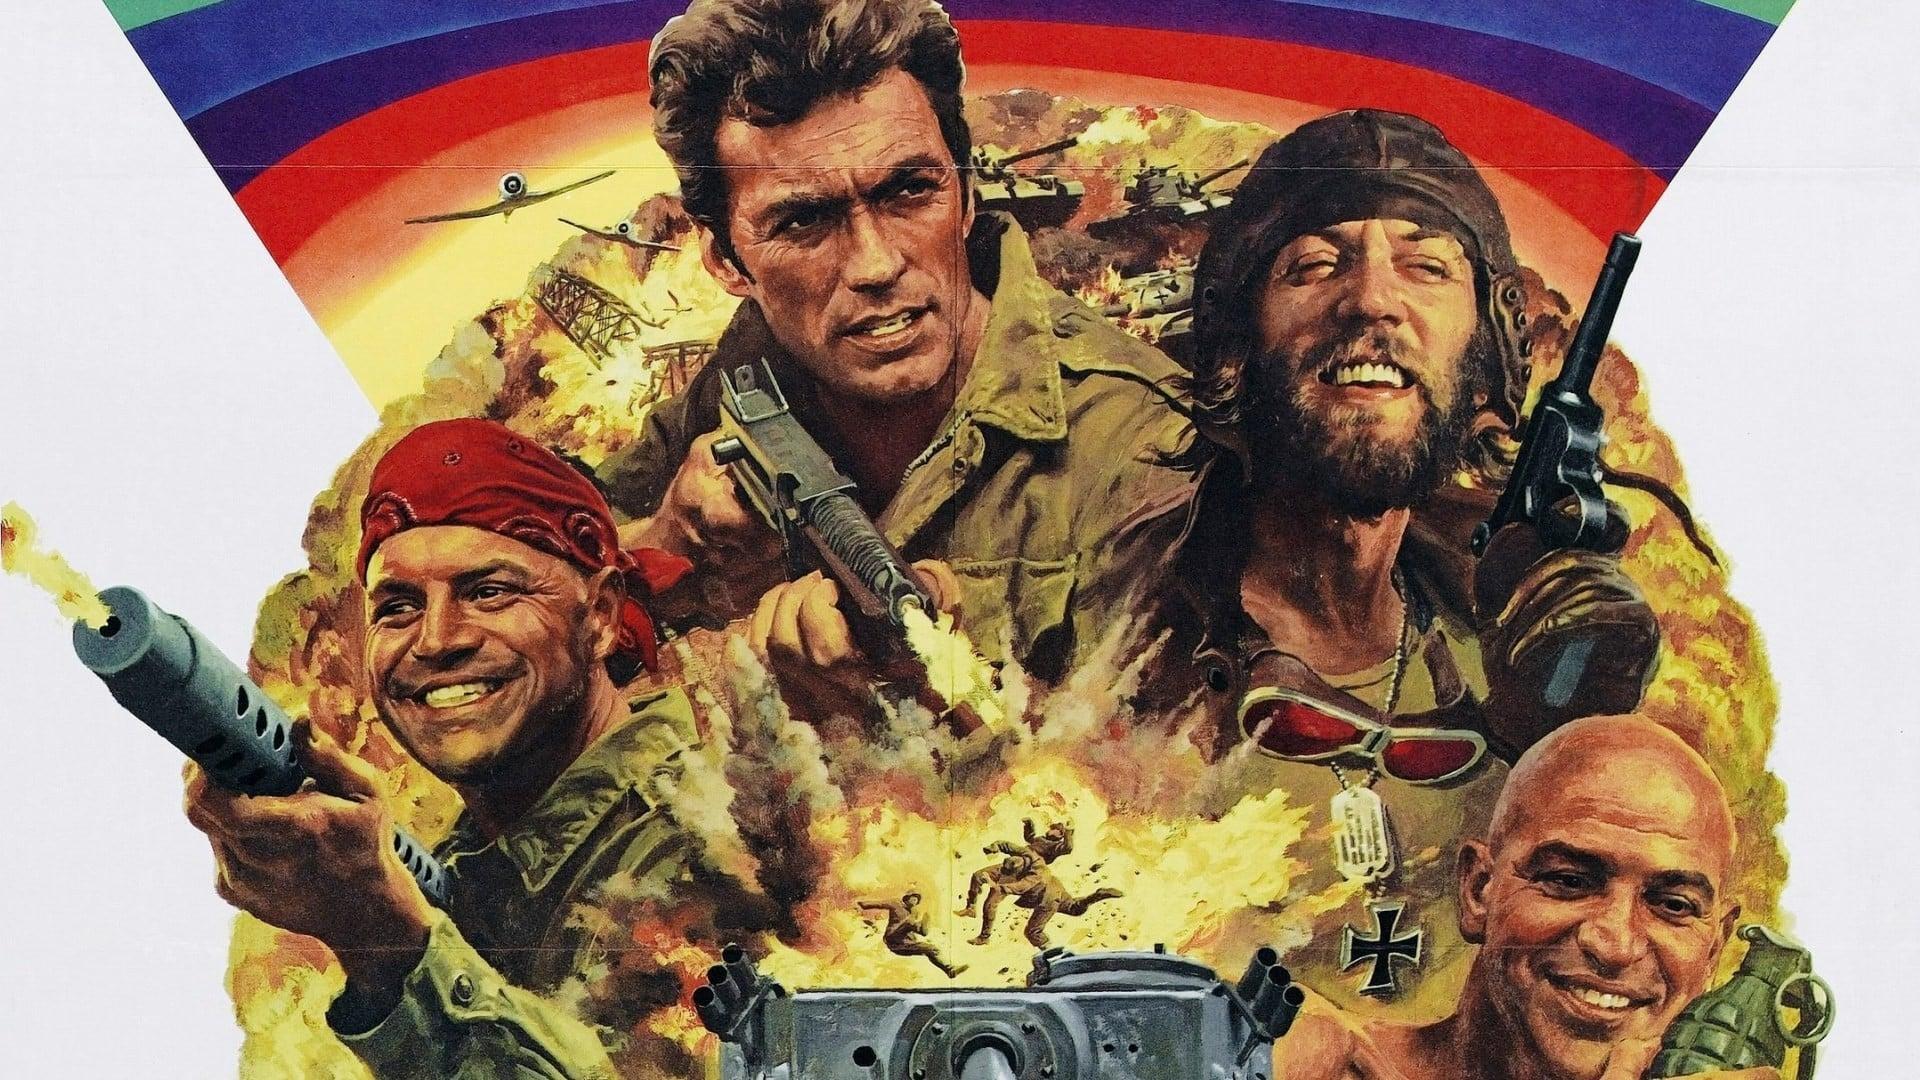 memorial-day-war-movies-kellys-heroes-poster